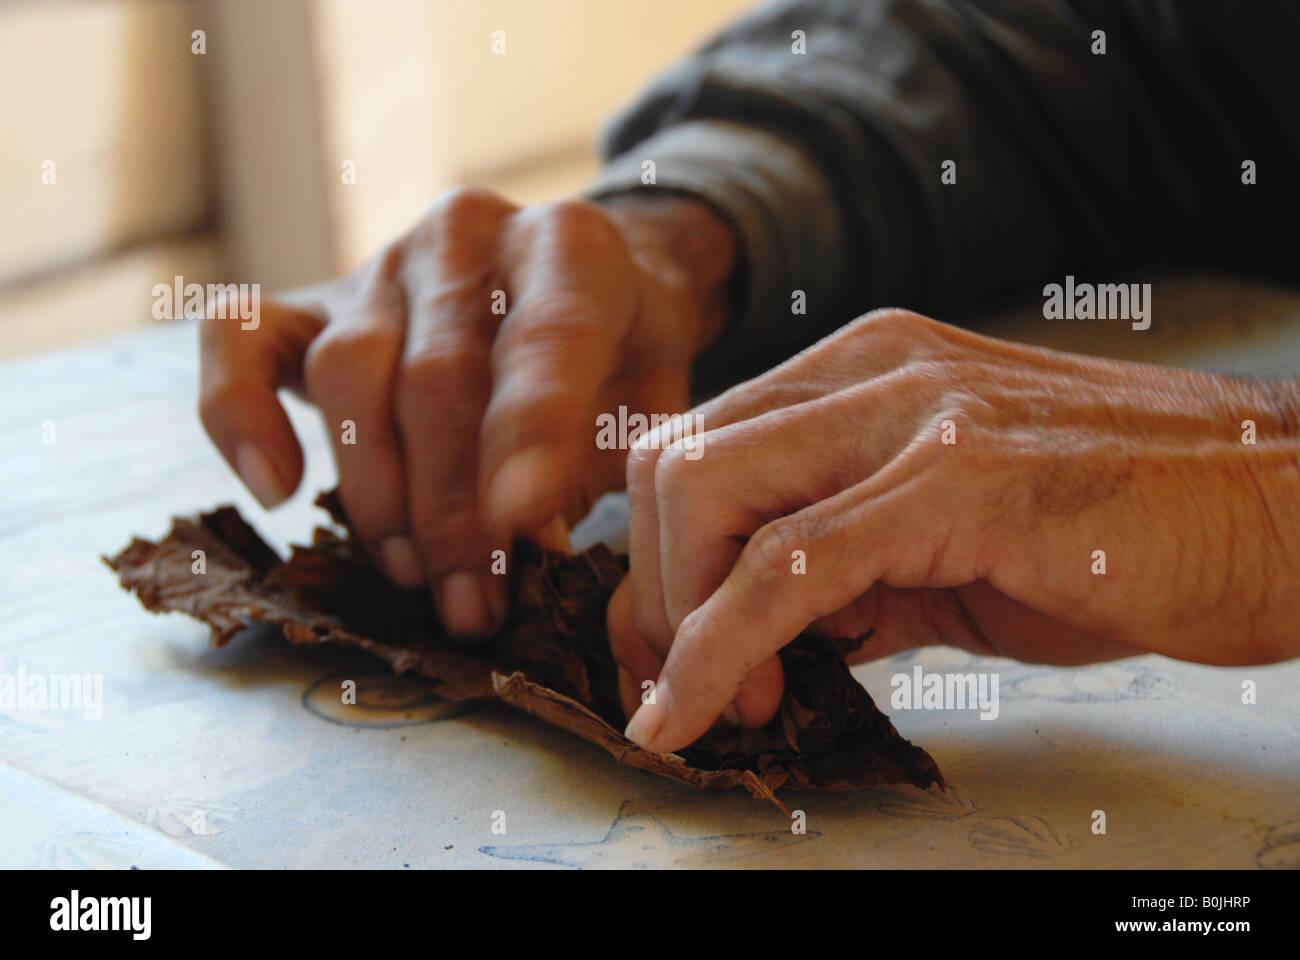 Hände eines Tabak Bauer das Rollen einer Zigarre Valle de vinales Kuba Stockbild